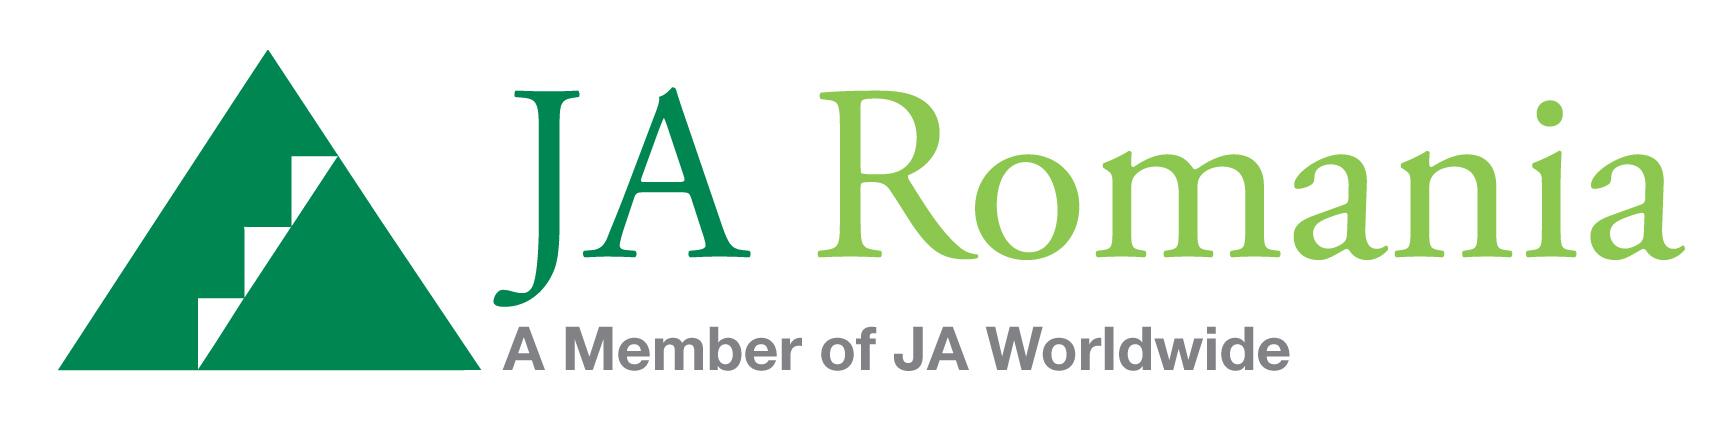 Logo-JA-Romania-2015.jpg